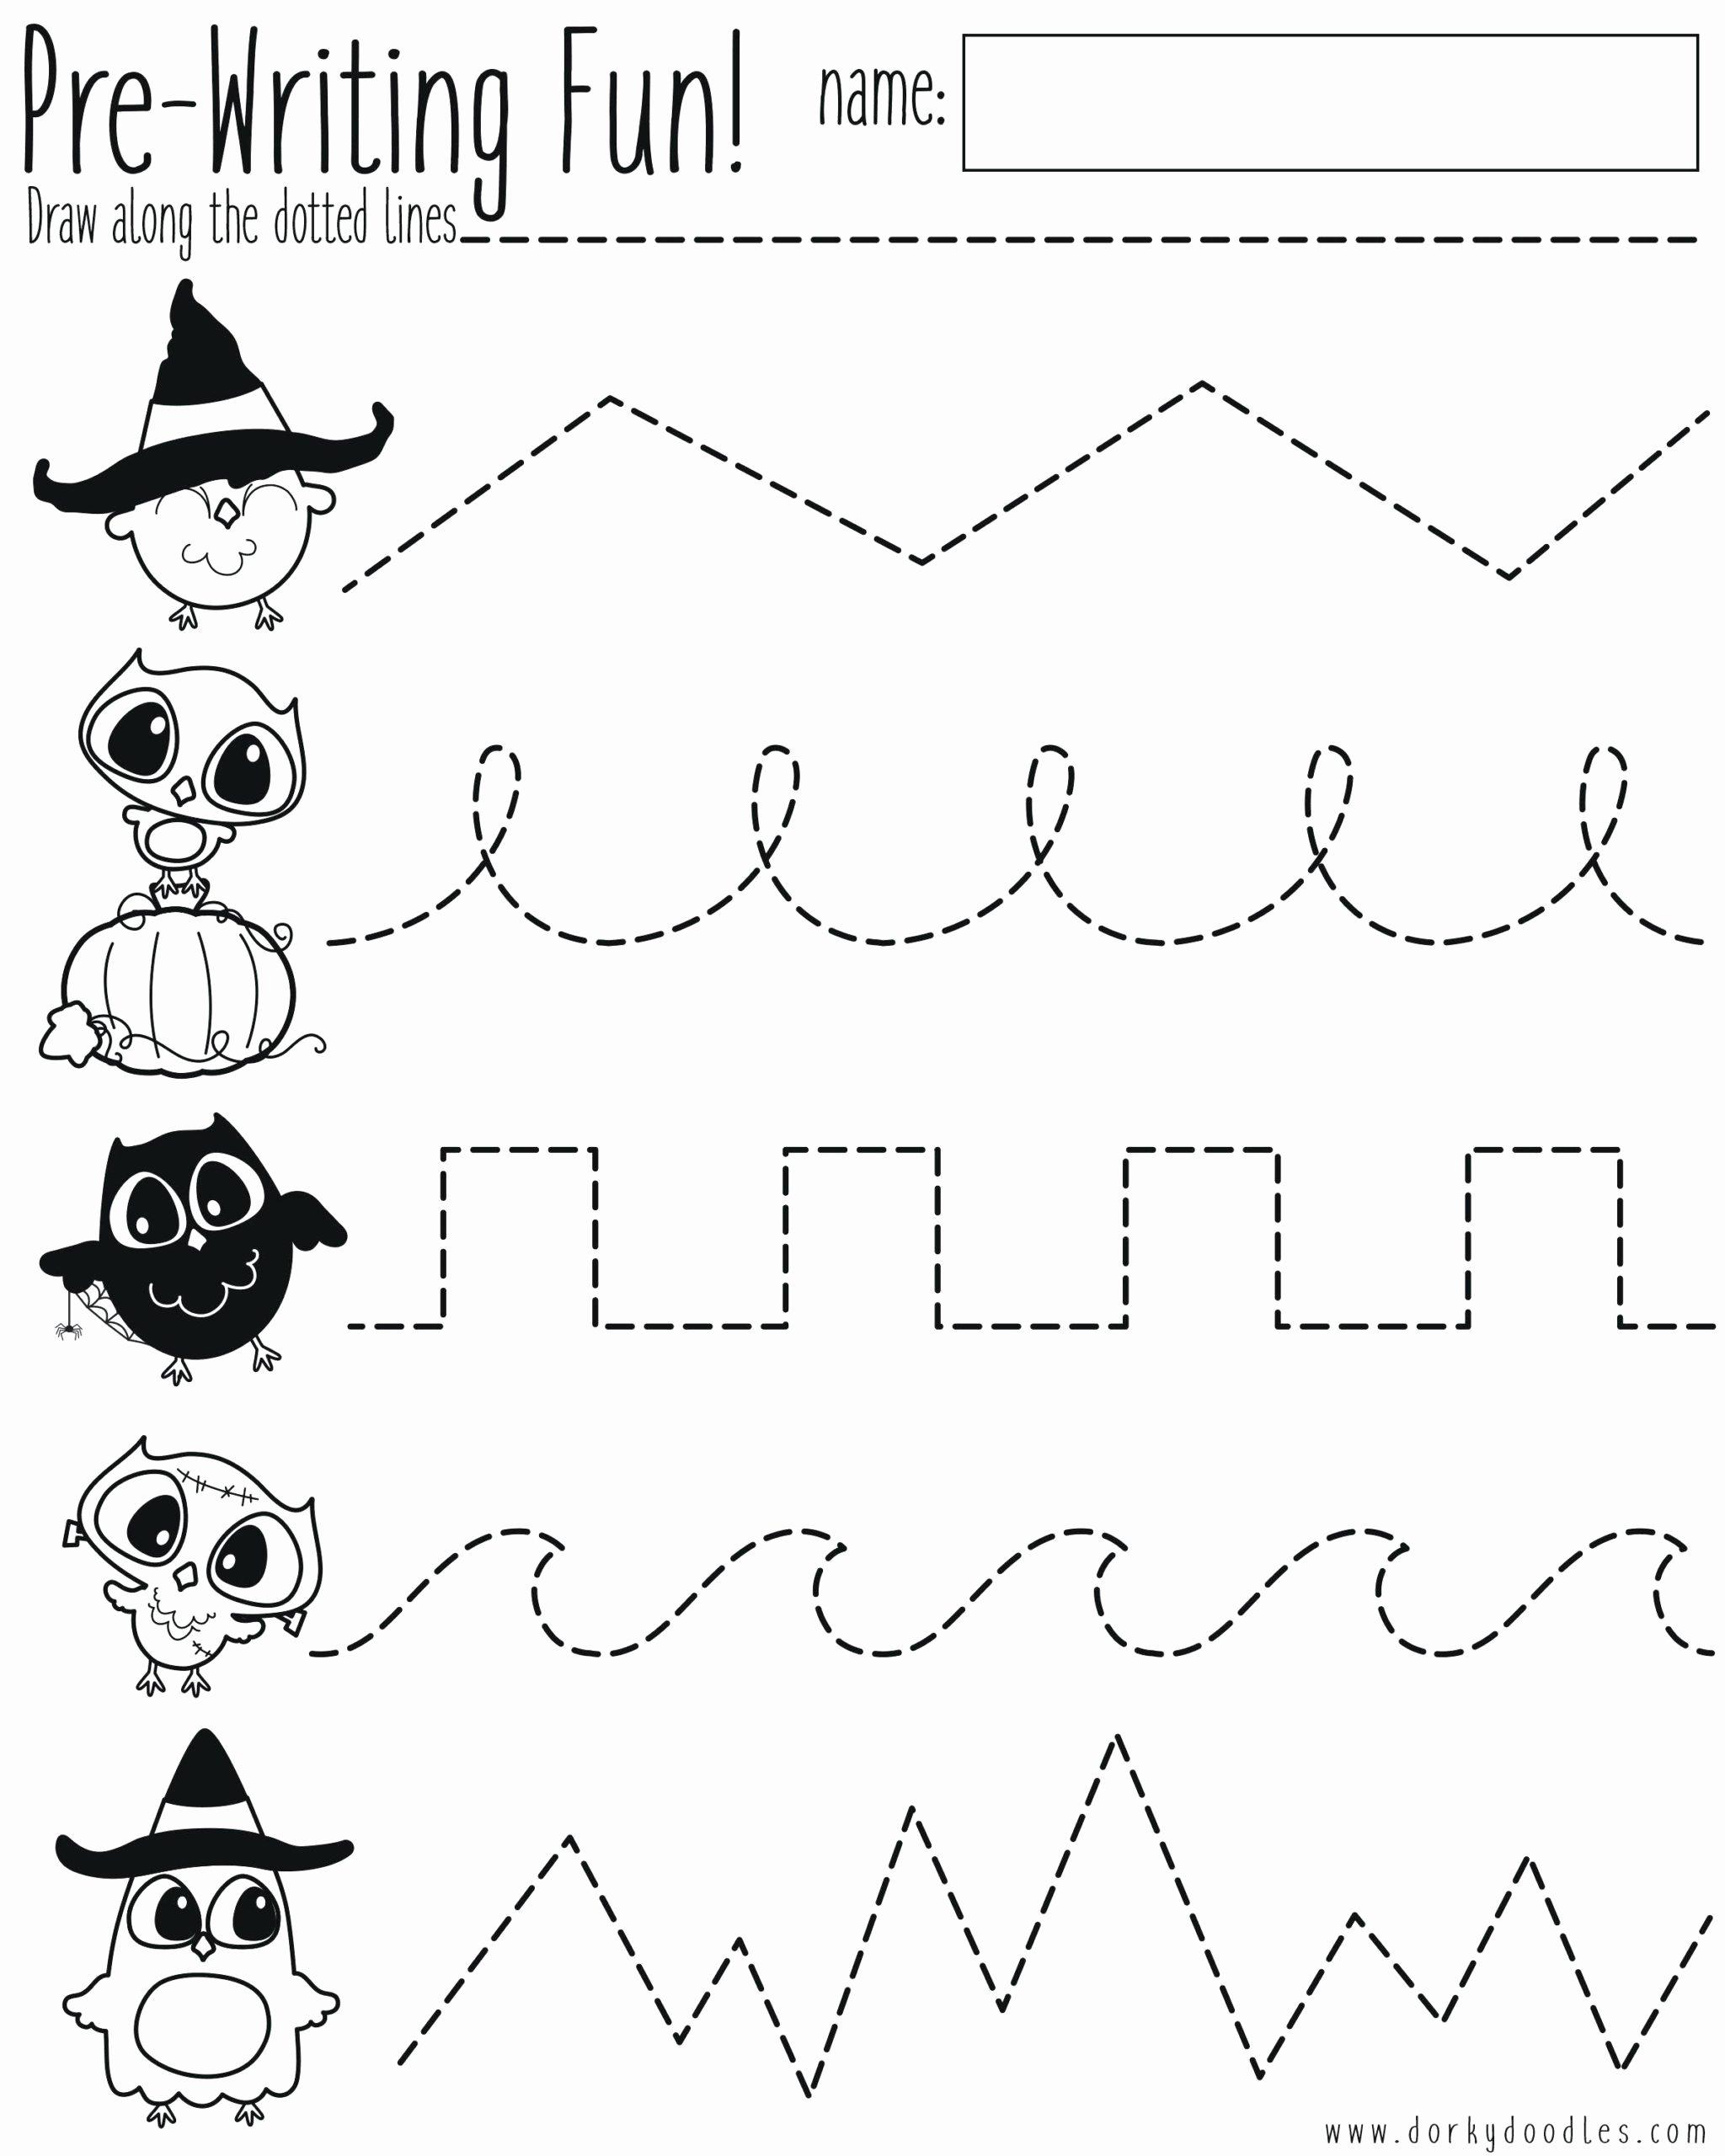 Alphabet Writing Worksheets for Preschoolers Awesome Math Worksheet Alphabet Writing for Preschoolers Practice